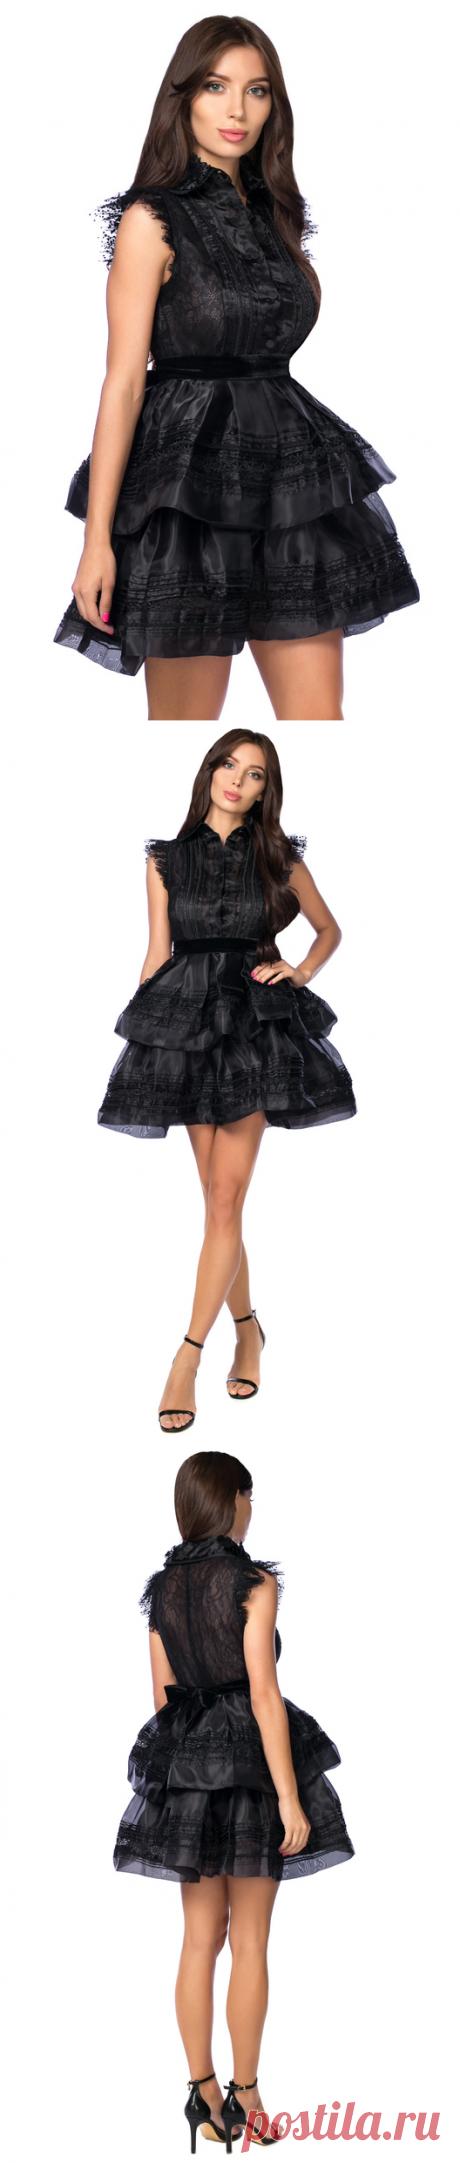 712d0ef24f8 Комбинированное платье в викторианском стиле S.P.Y. 110868